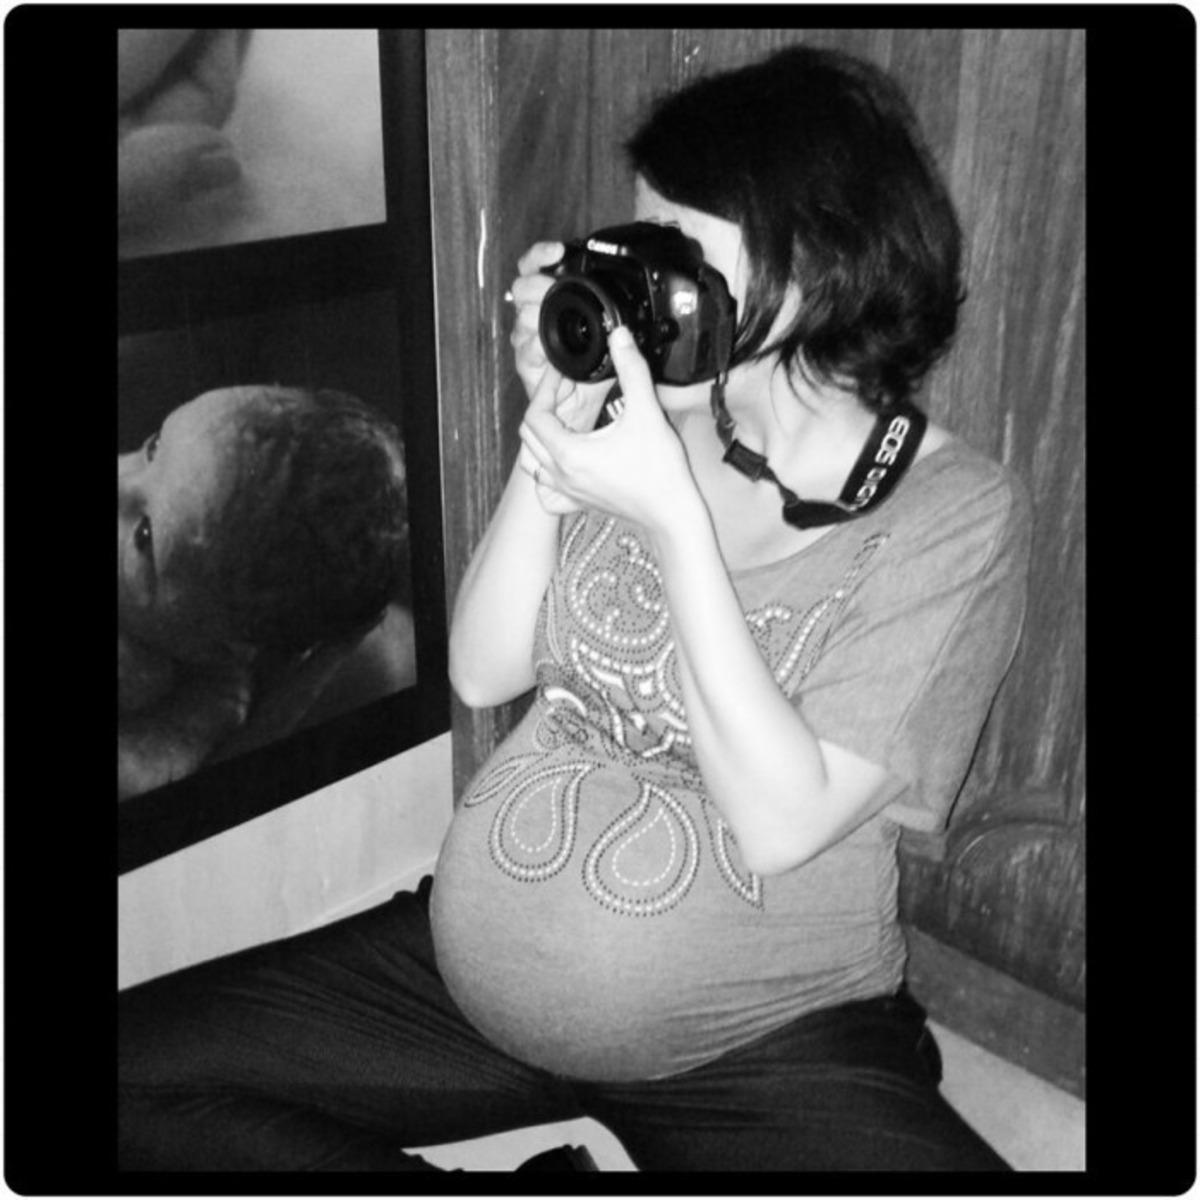 Mulher gestante sentada fotografando. Foto em preto e branco